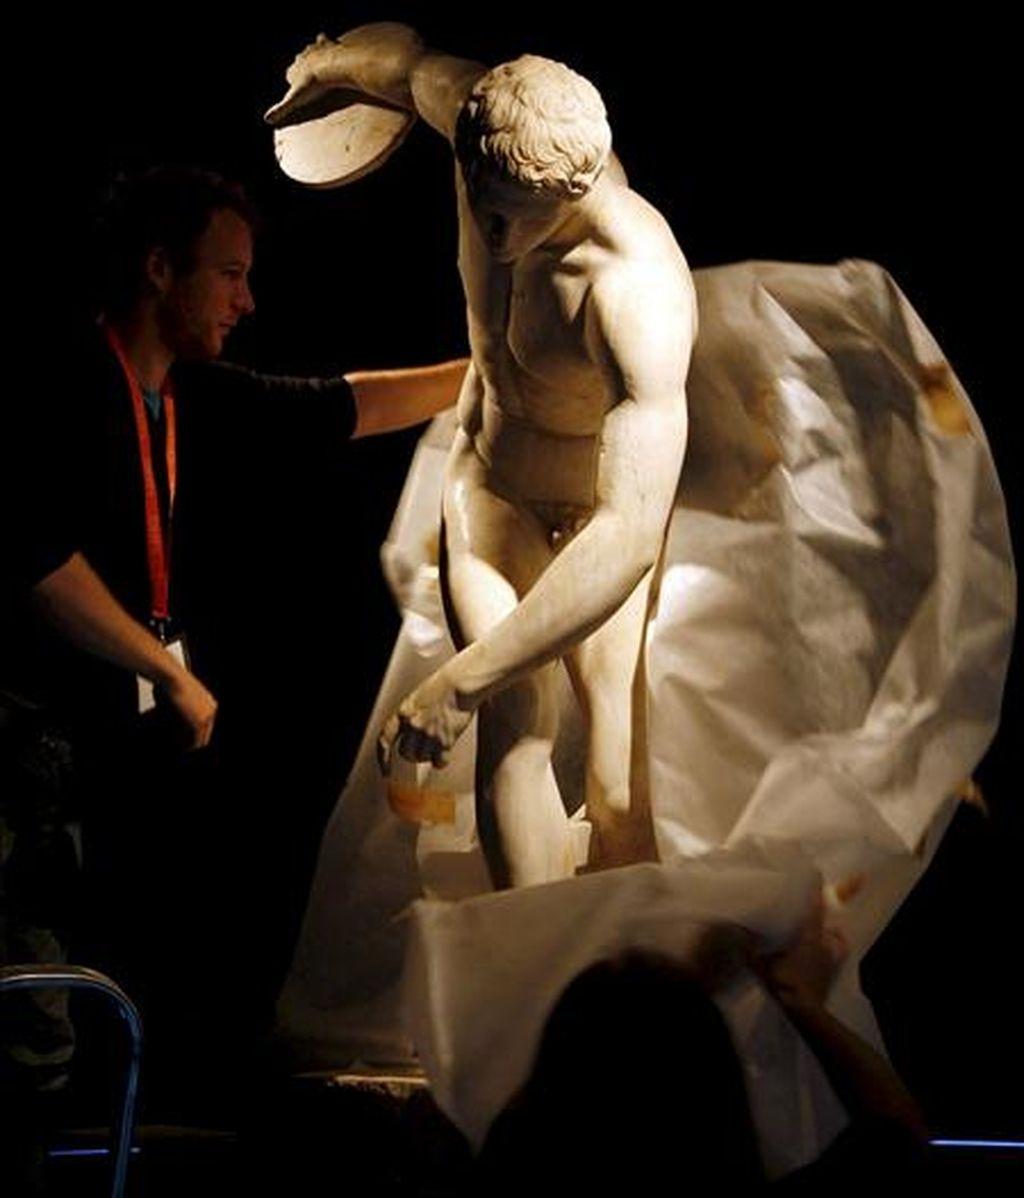 """""""El discóbolo"""", de Mirón, protagonista de la exposición """"La belleza del cuerpo. Arte y pensamiento en la Grecia Antigua"""", que se inauguró el pasado mes de abril en en el Museo Arqueológico de Alicante. EFE/Archivo"""